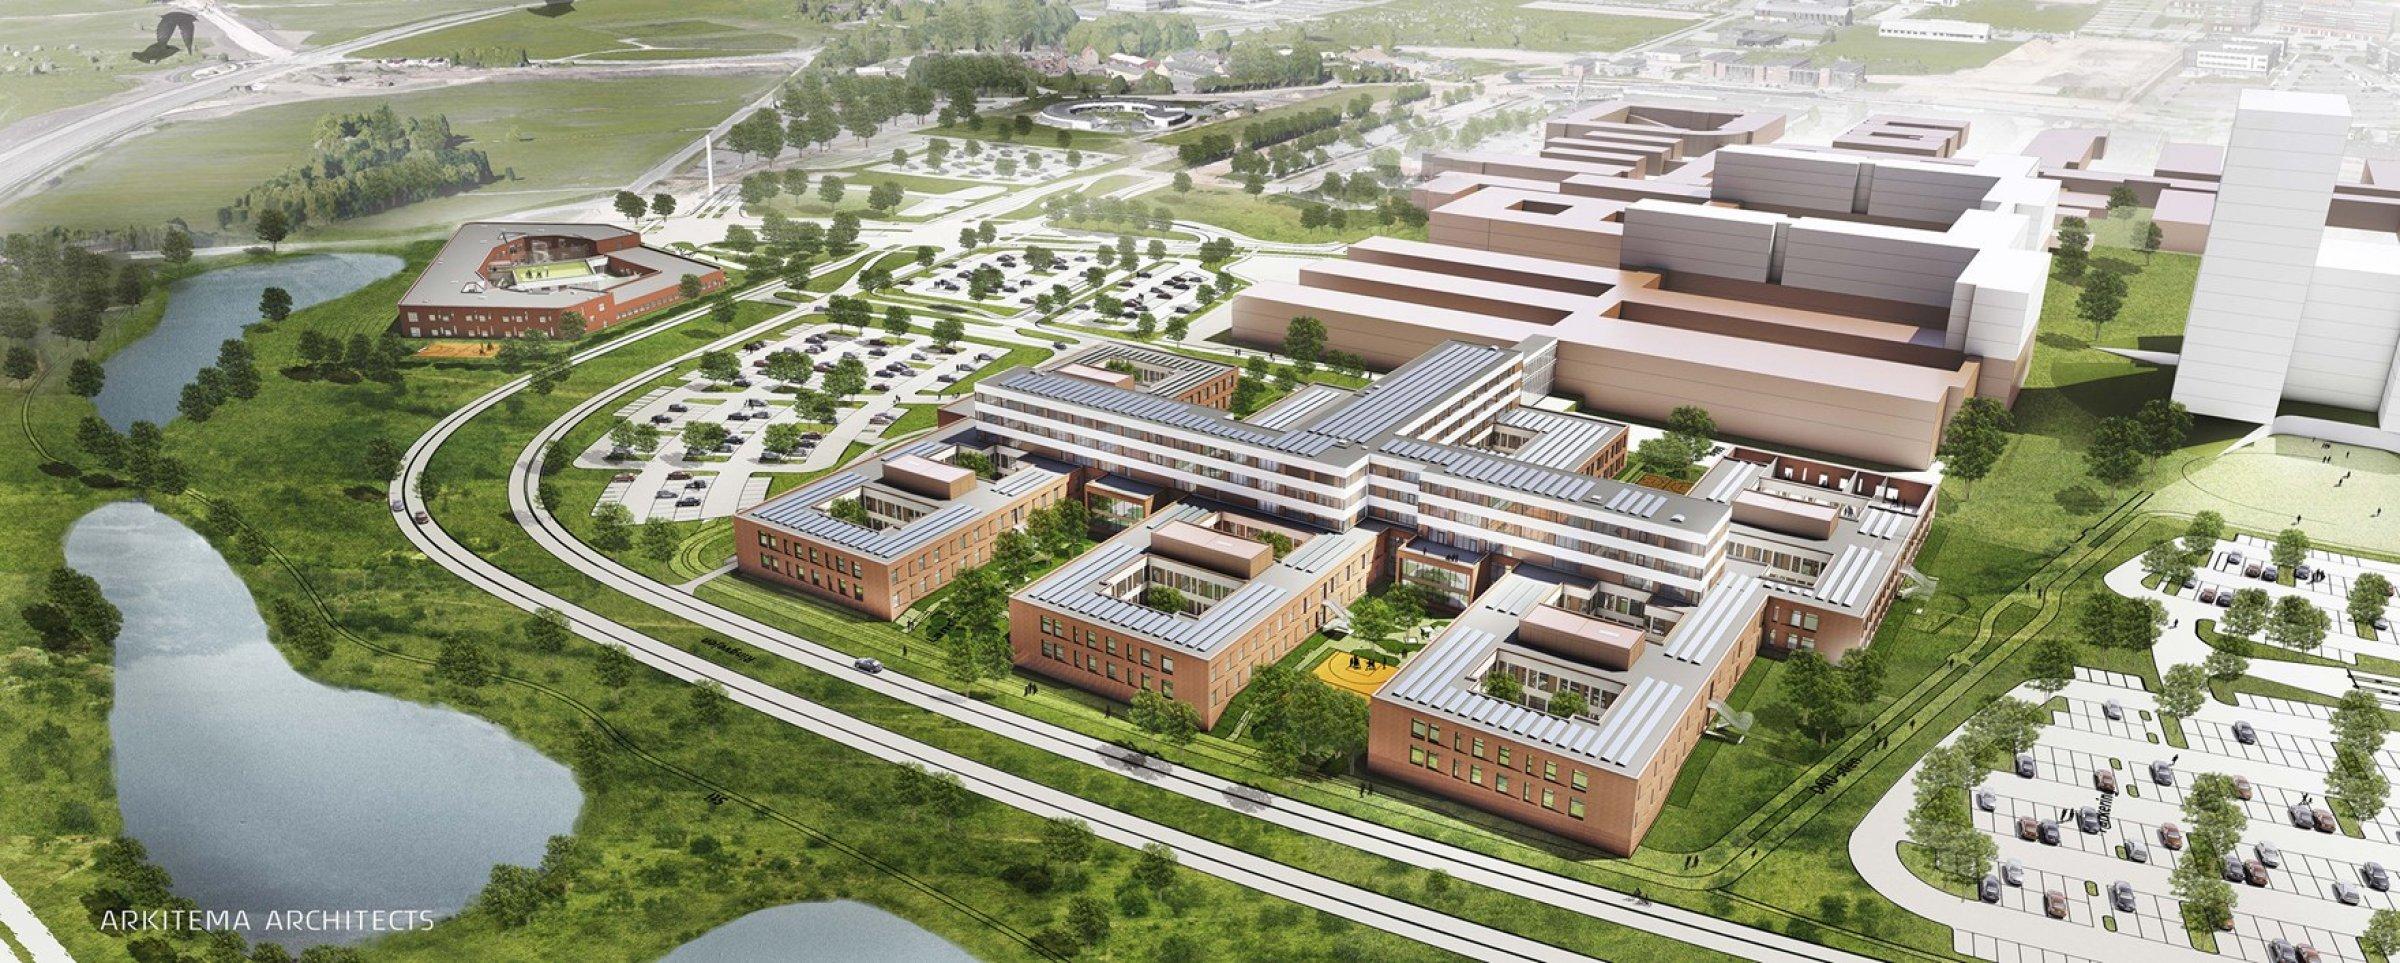 Billedresultat for skejby sygehus